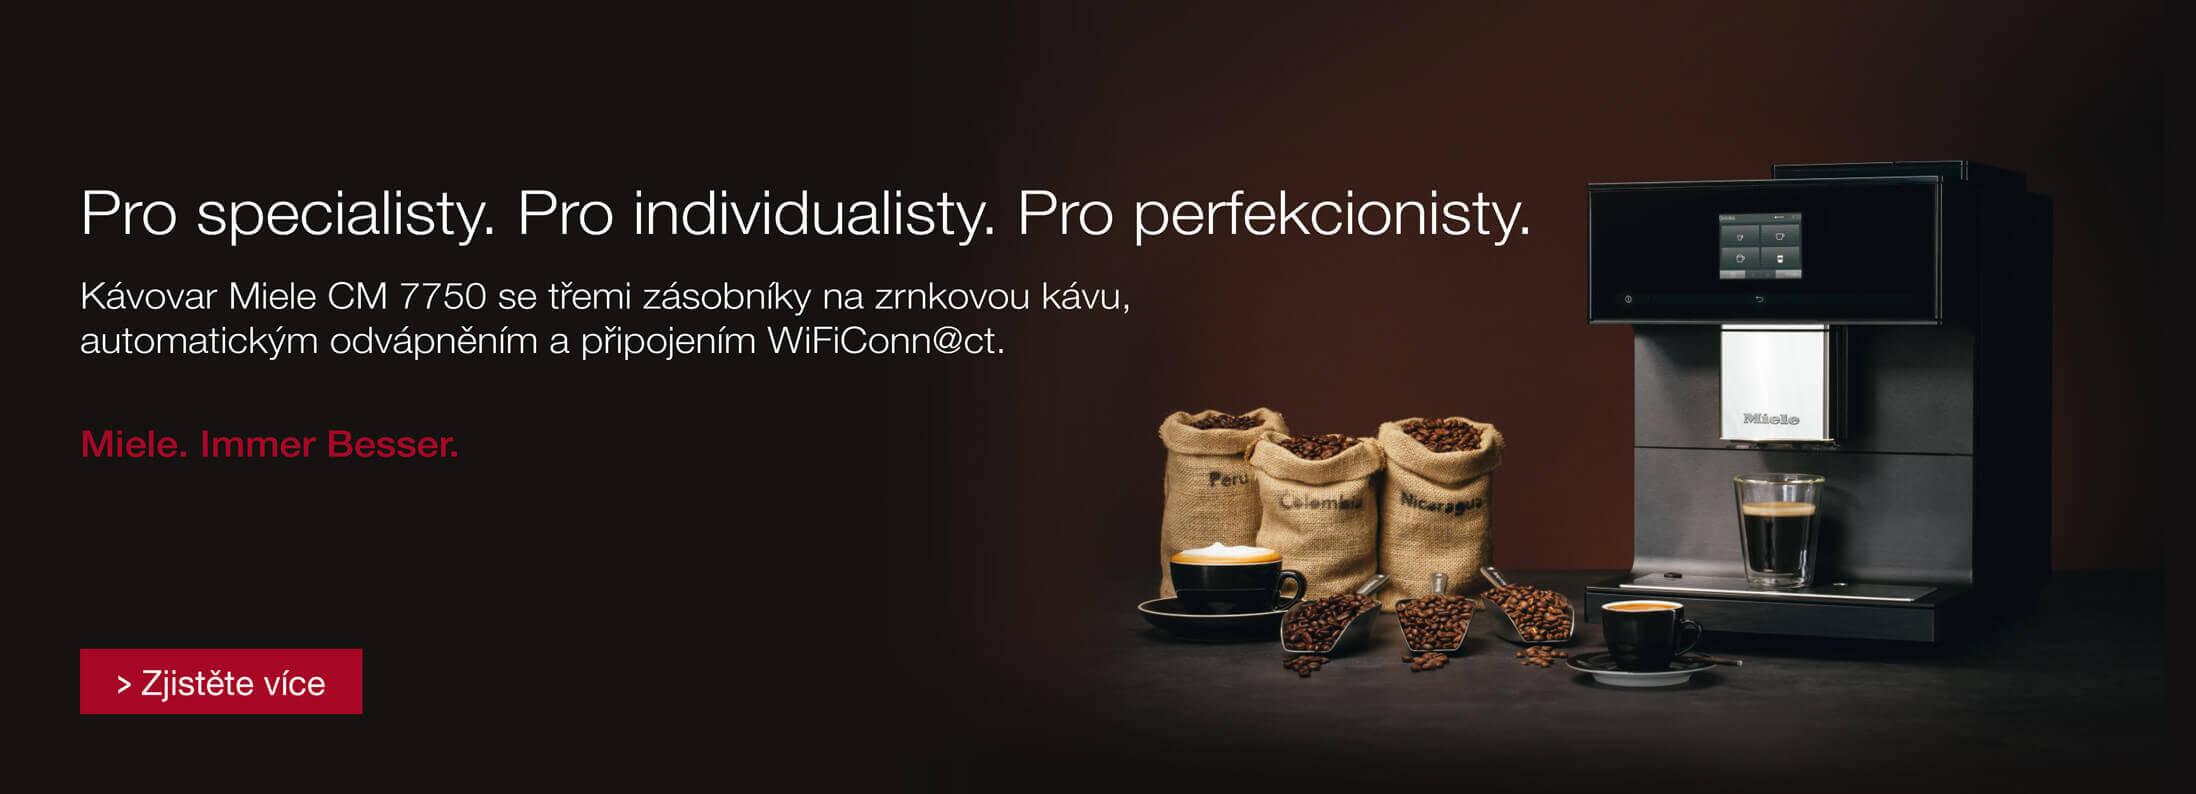 Miele - Kávovary CM7